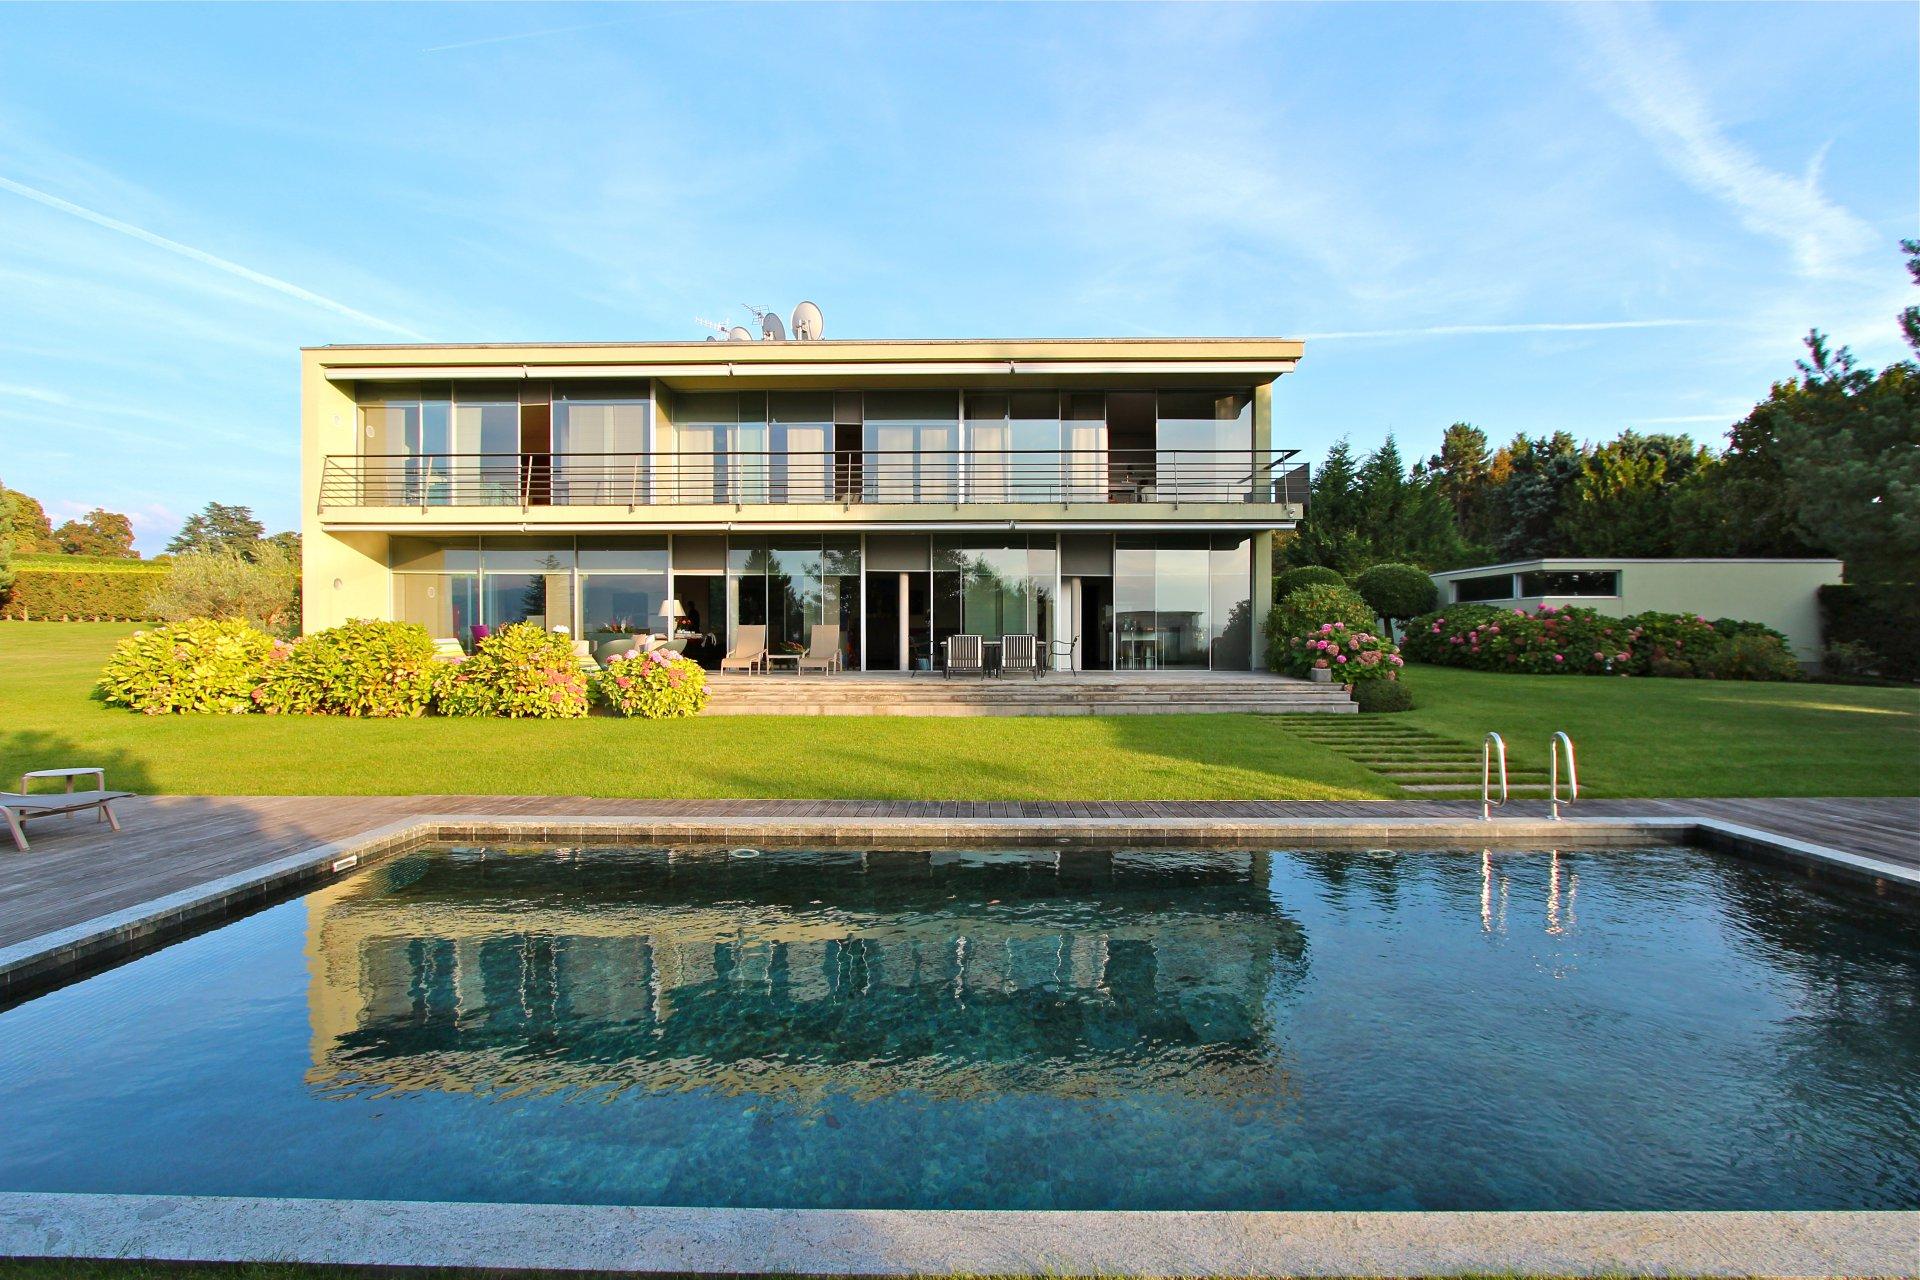 House for sale geneva